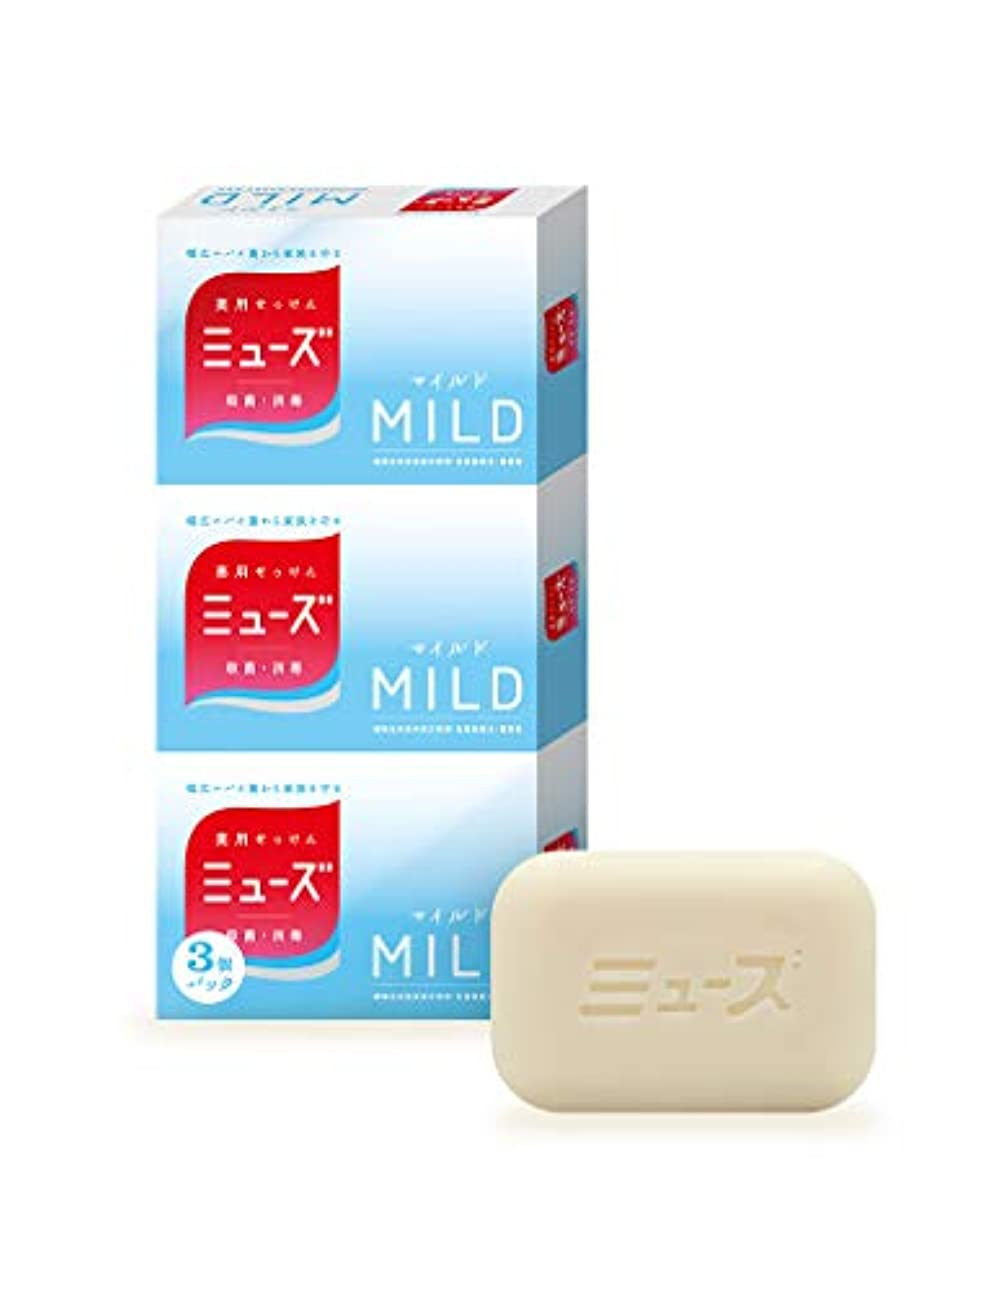 付き添い人実業家バックグラウンド薬用せっけんミューズ 固形 石鹸 マイルド (95g×3個パック) お徳用 殺菌 消毒 手洗い 低刺激 植物由来洗浄成分配合